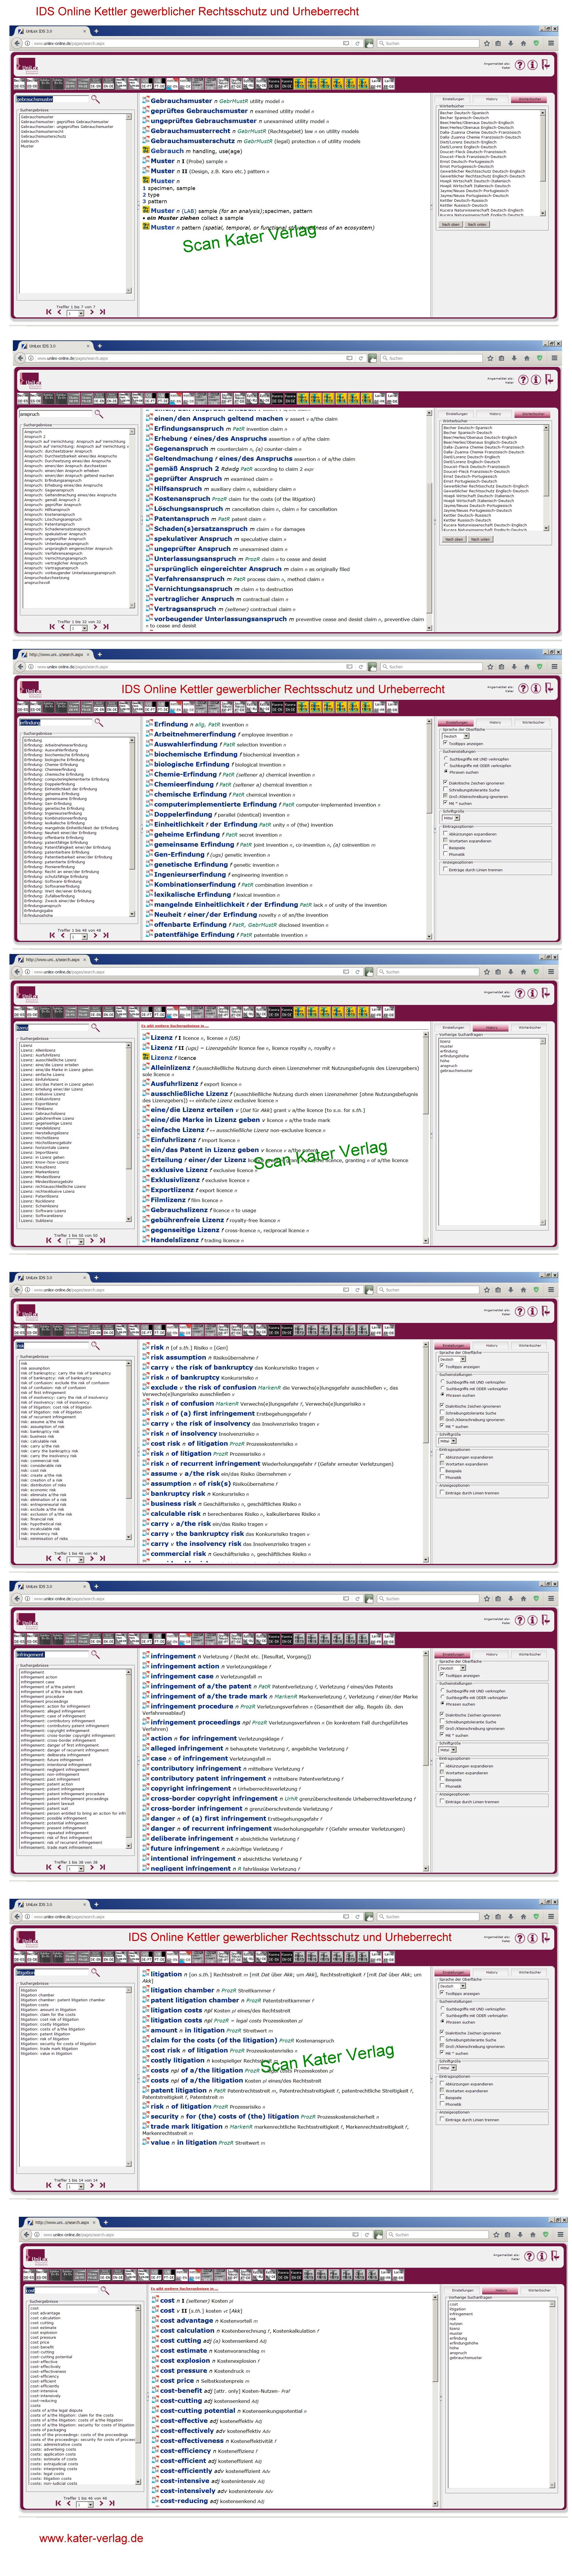 Kettler: Wörterbuch Gewerblicher Rechtsschutz und Urheberrecht DE-EN, EN-DE ONLINE